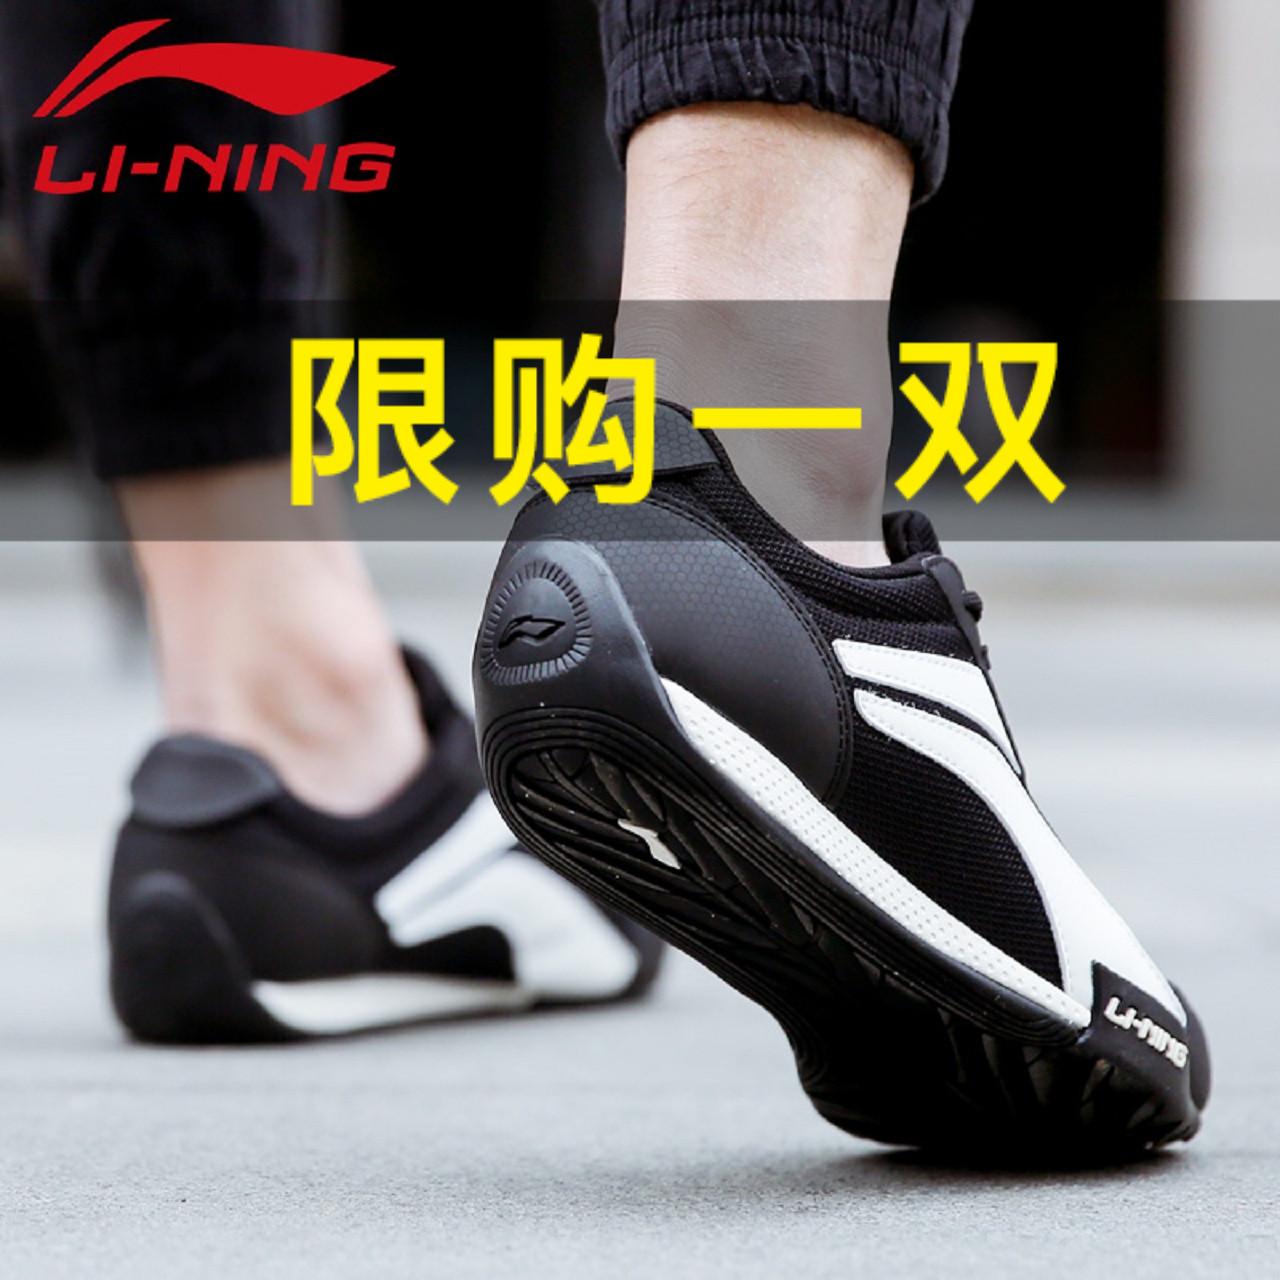 李宁男鞋阿甘鞋2019新款板鞋秋季悟道跑步鞋网面透气休闲运动鞋子